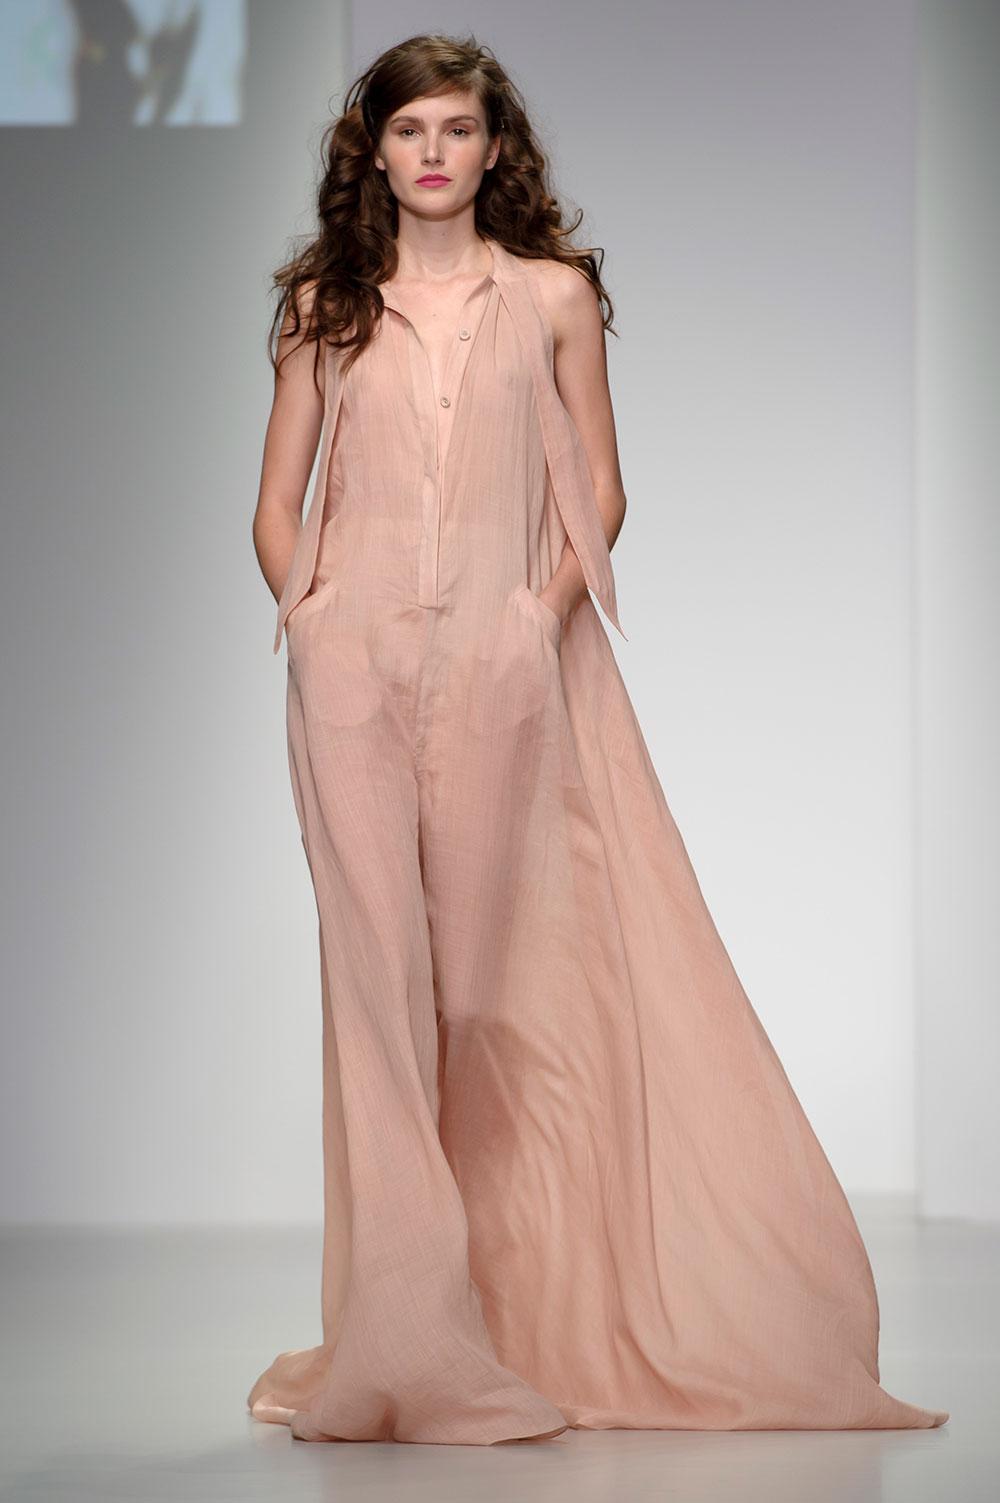 लंदन फैशन वीक के दौरान डिजाइनर मारिया ग्रचवोगेल के क्रिएशन को पेश करती हुई मॉडल।